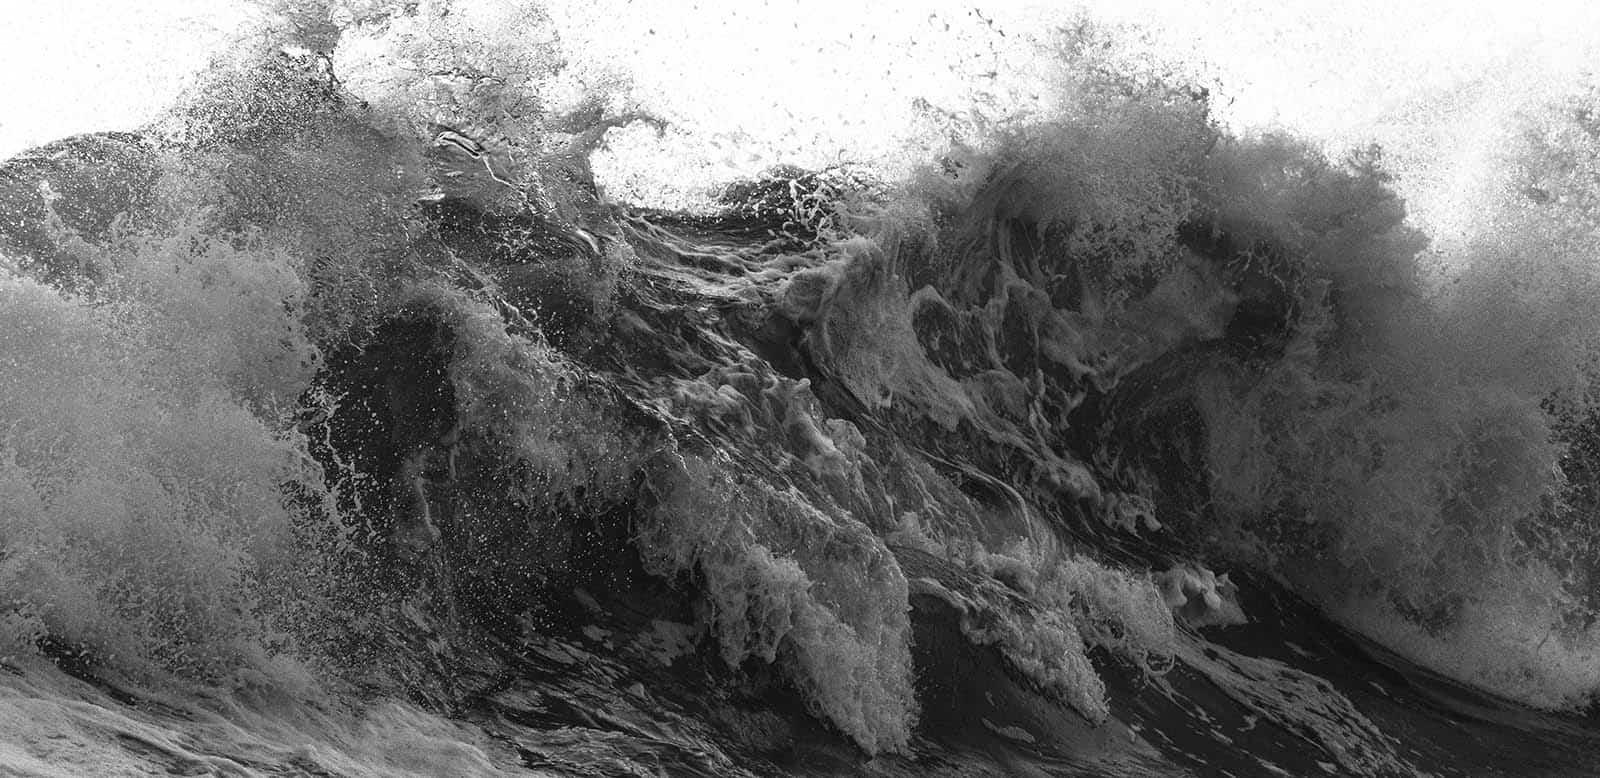 Tsunami Wave Survival